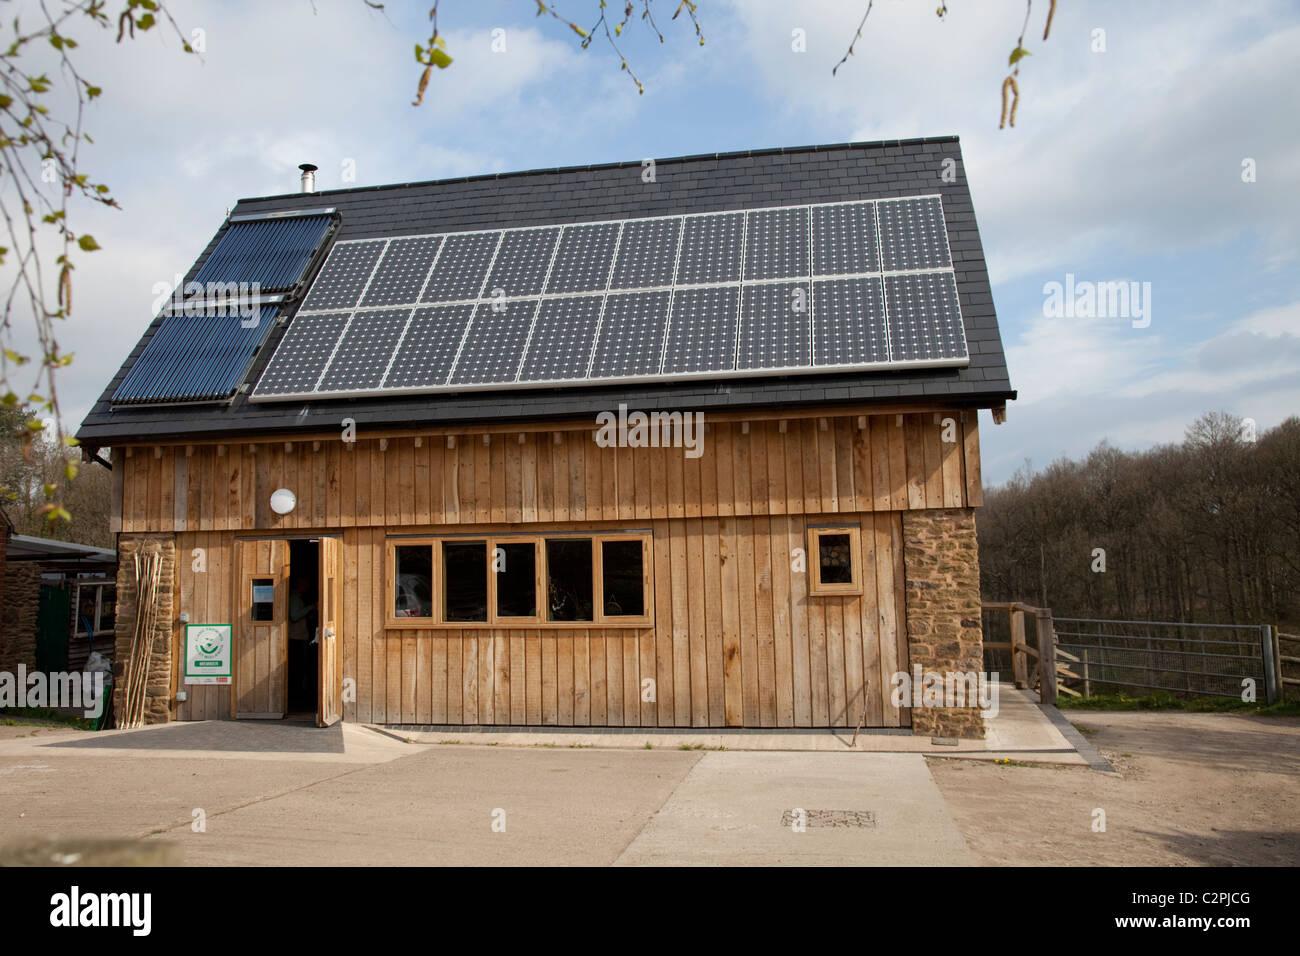 Solarthermie und PV-Module auf Dach des nachhaltigen Eiche Holzhaus Ruskin Studio Wyre Forest Bewdley UK Stockbild